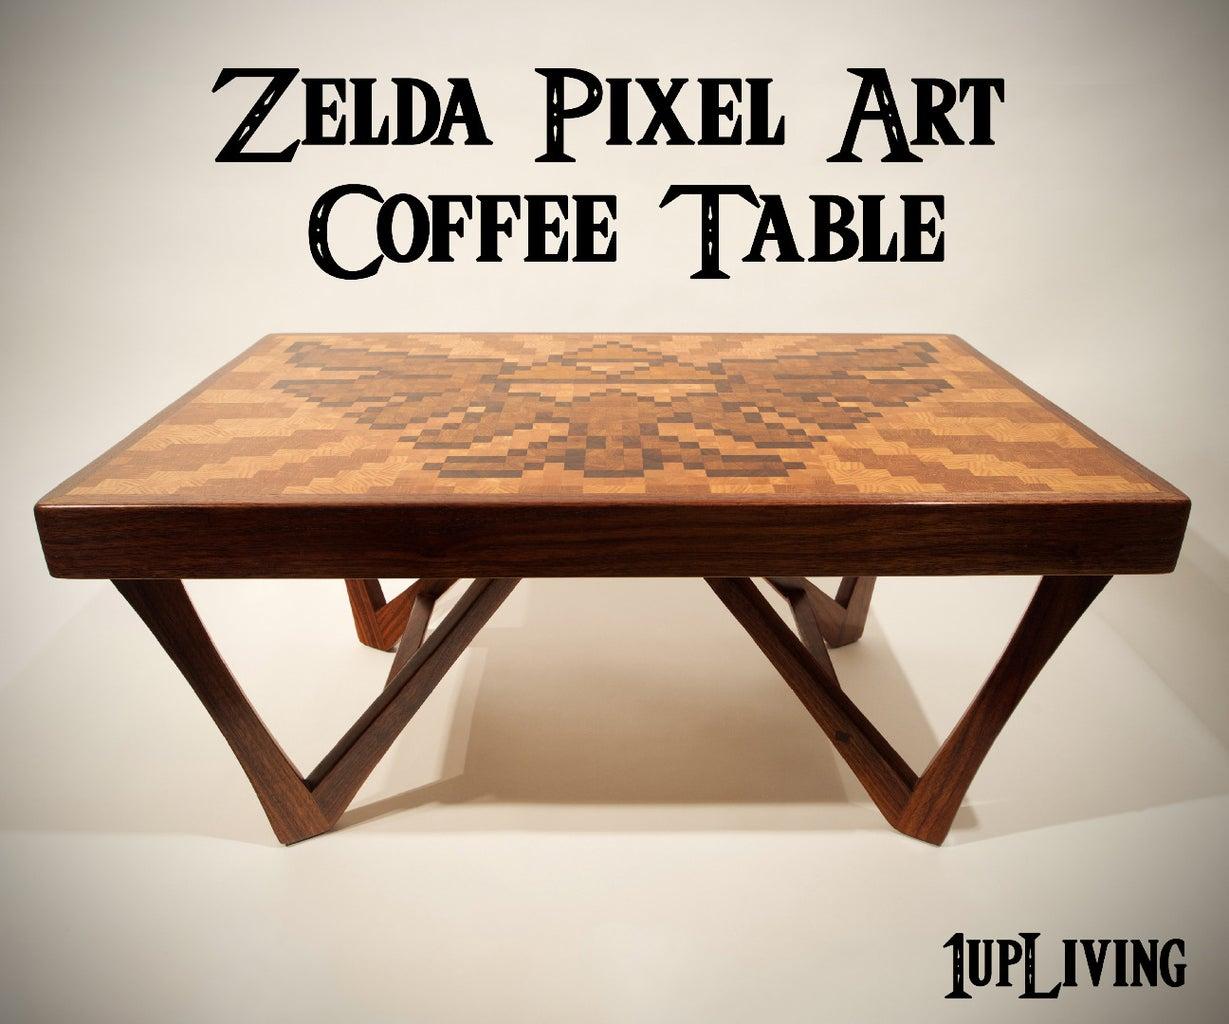 Zelda Pixel Art Coffee Table